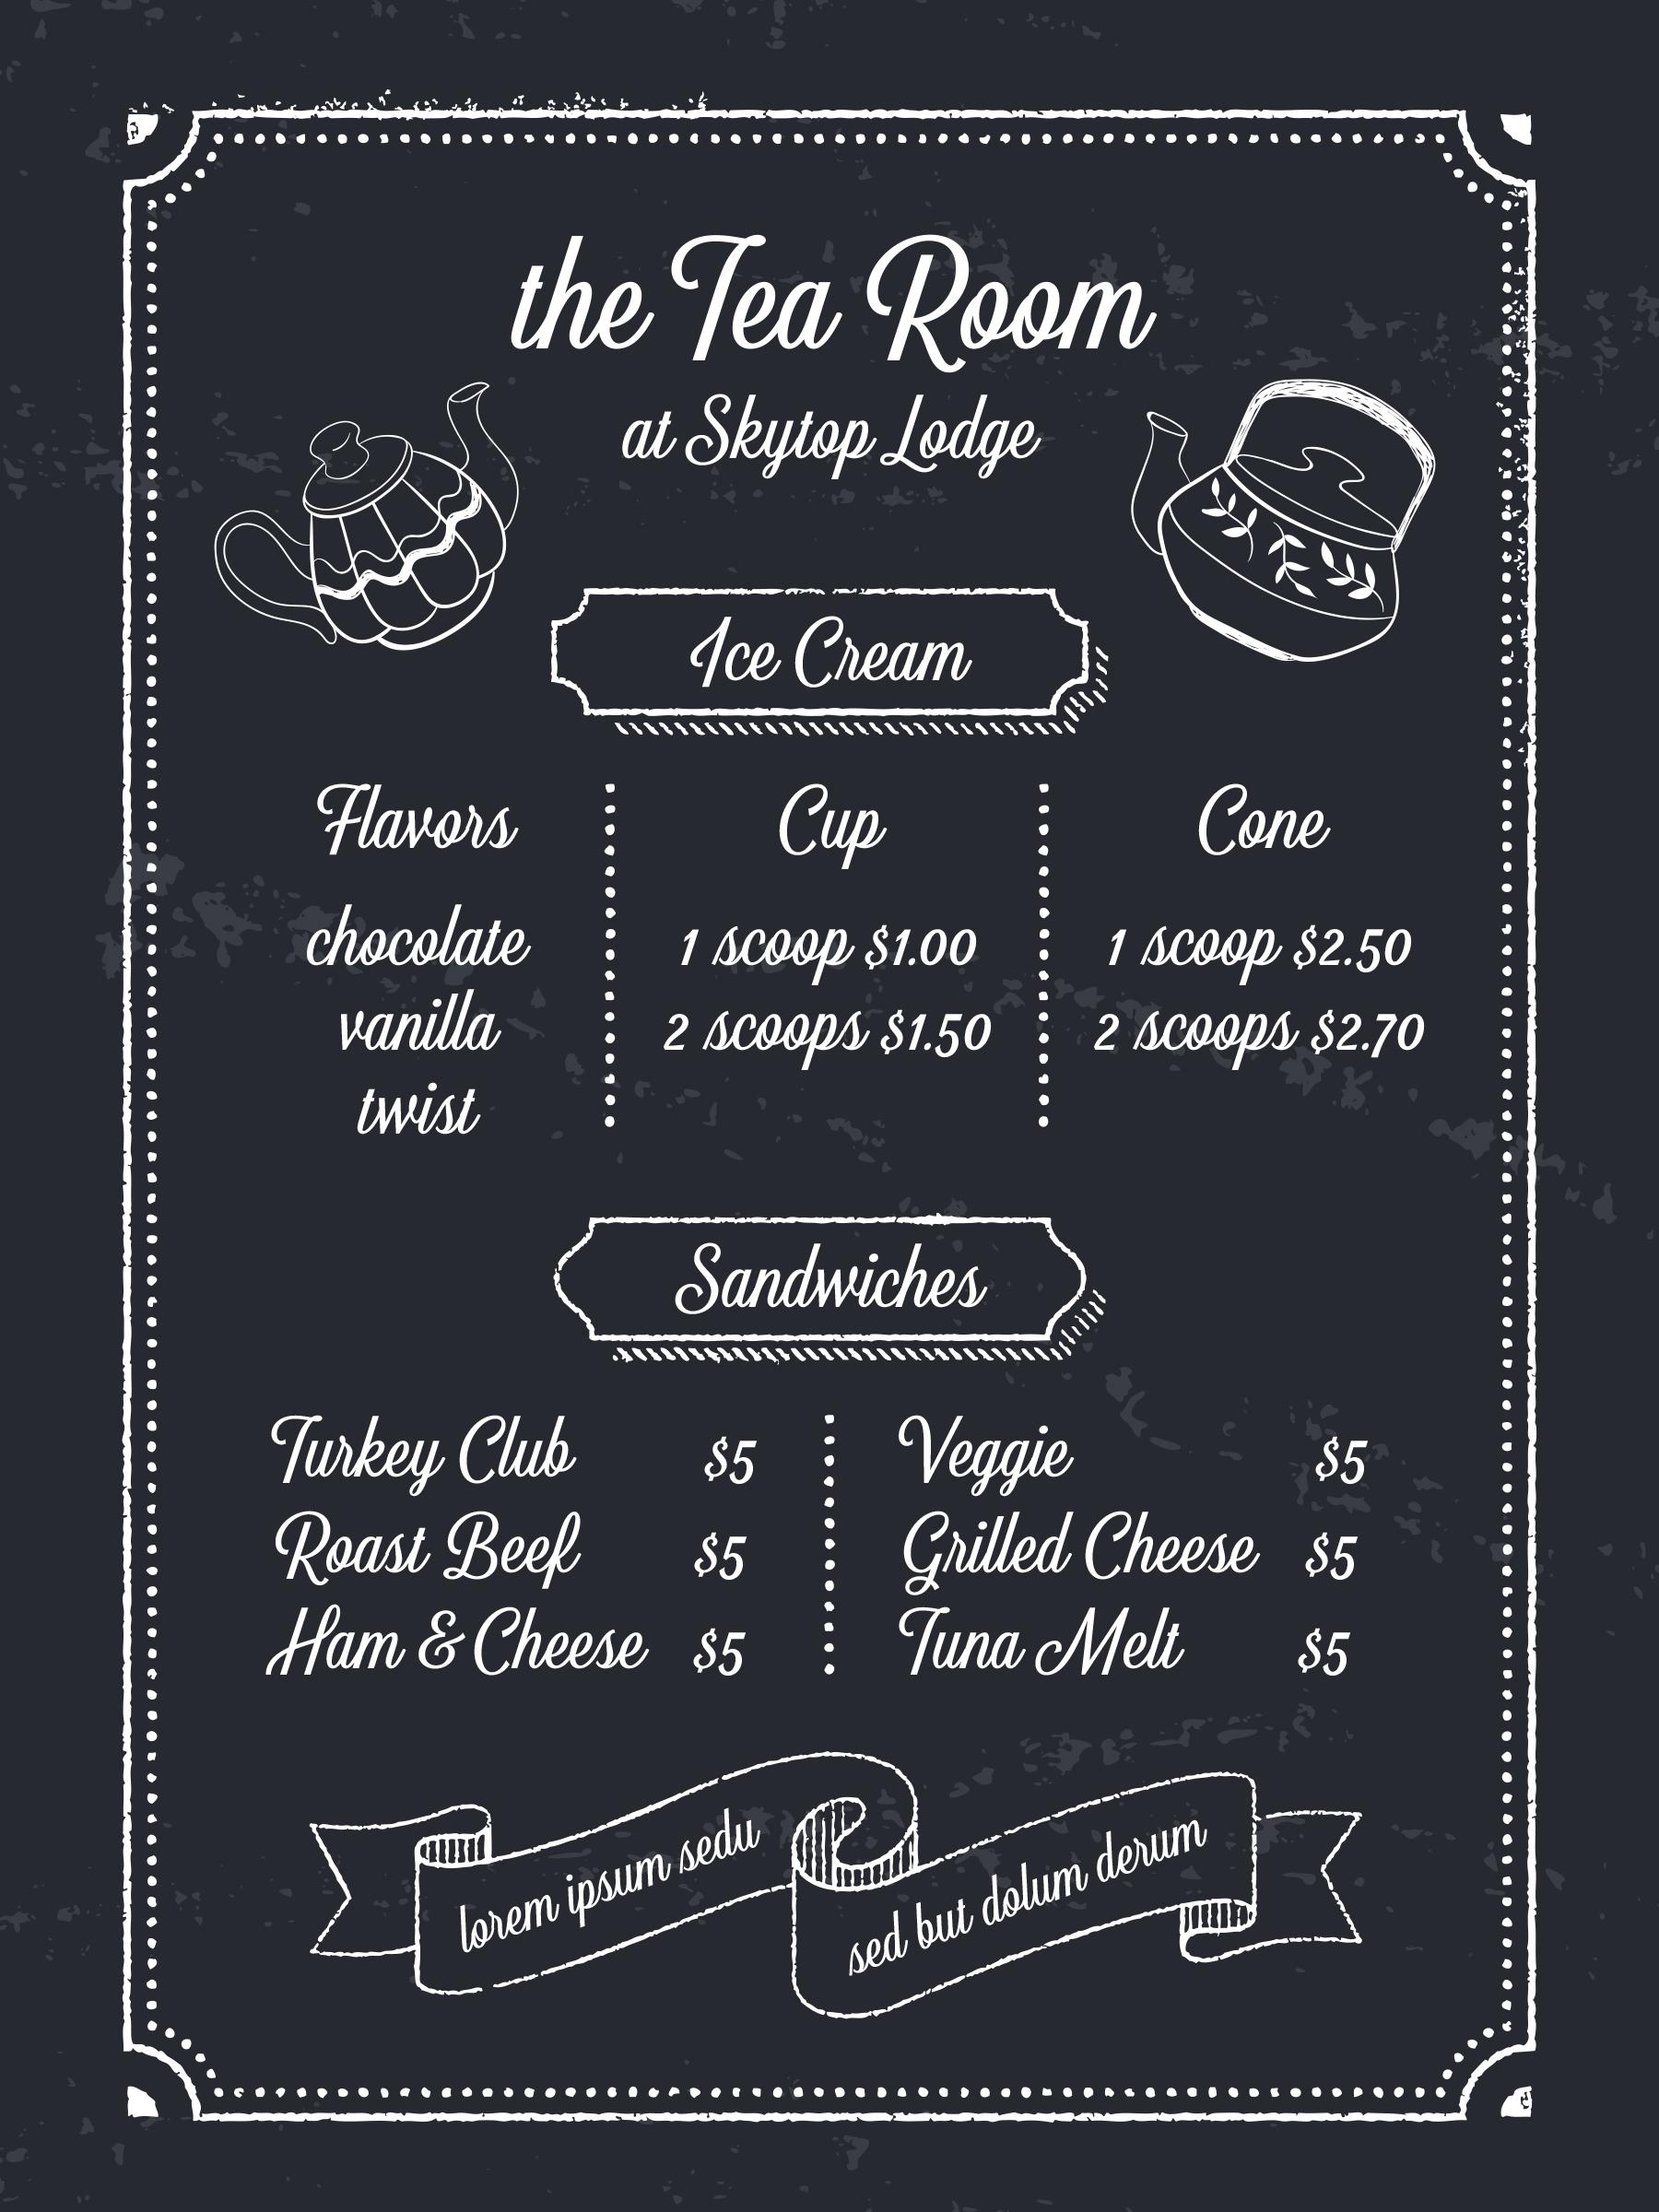 tearoom-menu.jpg